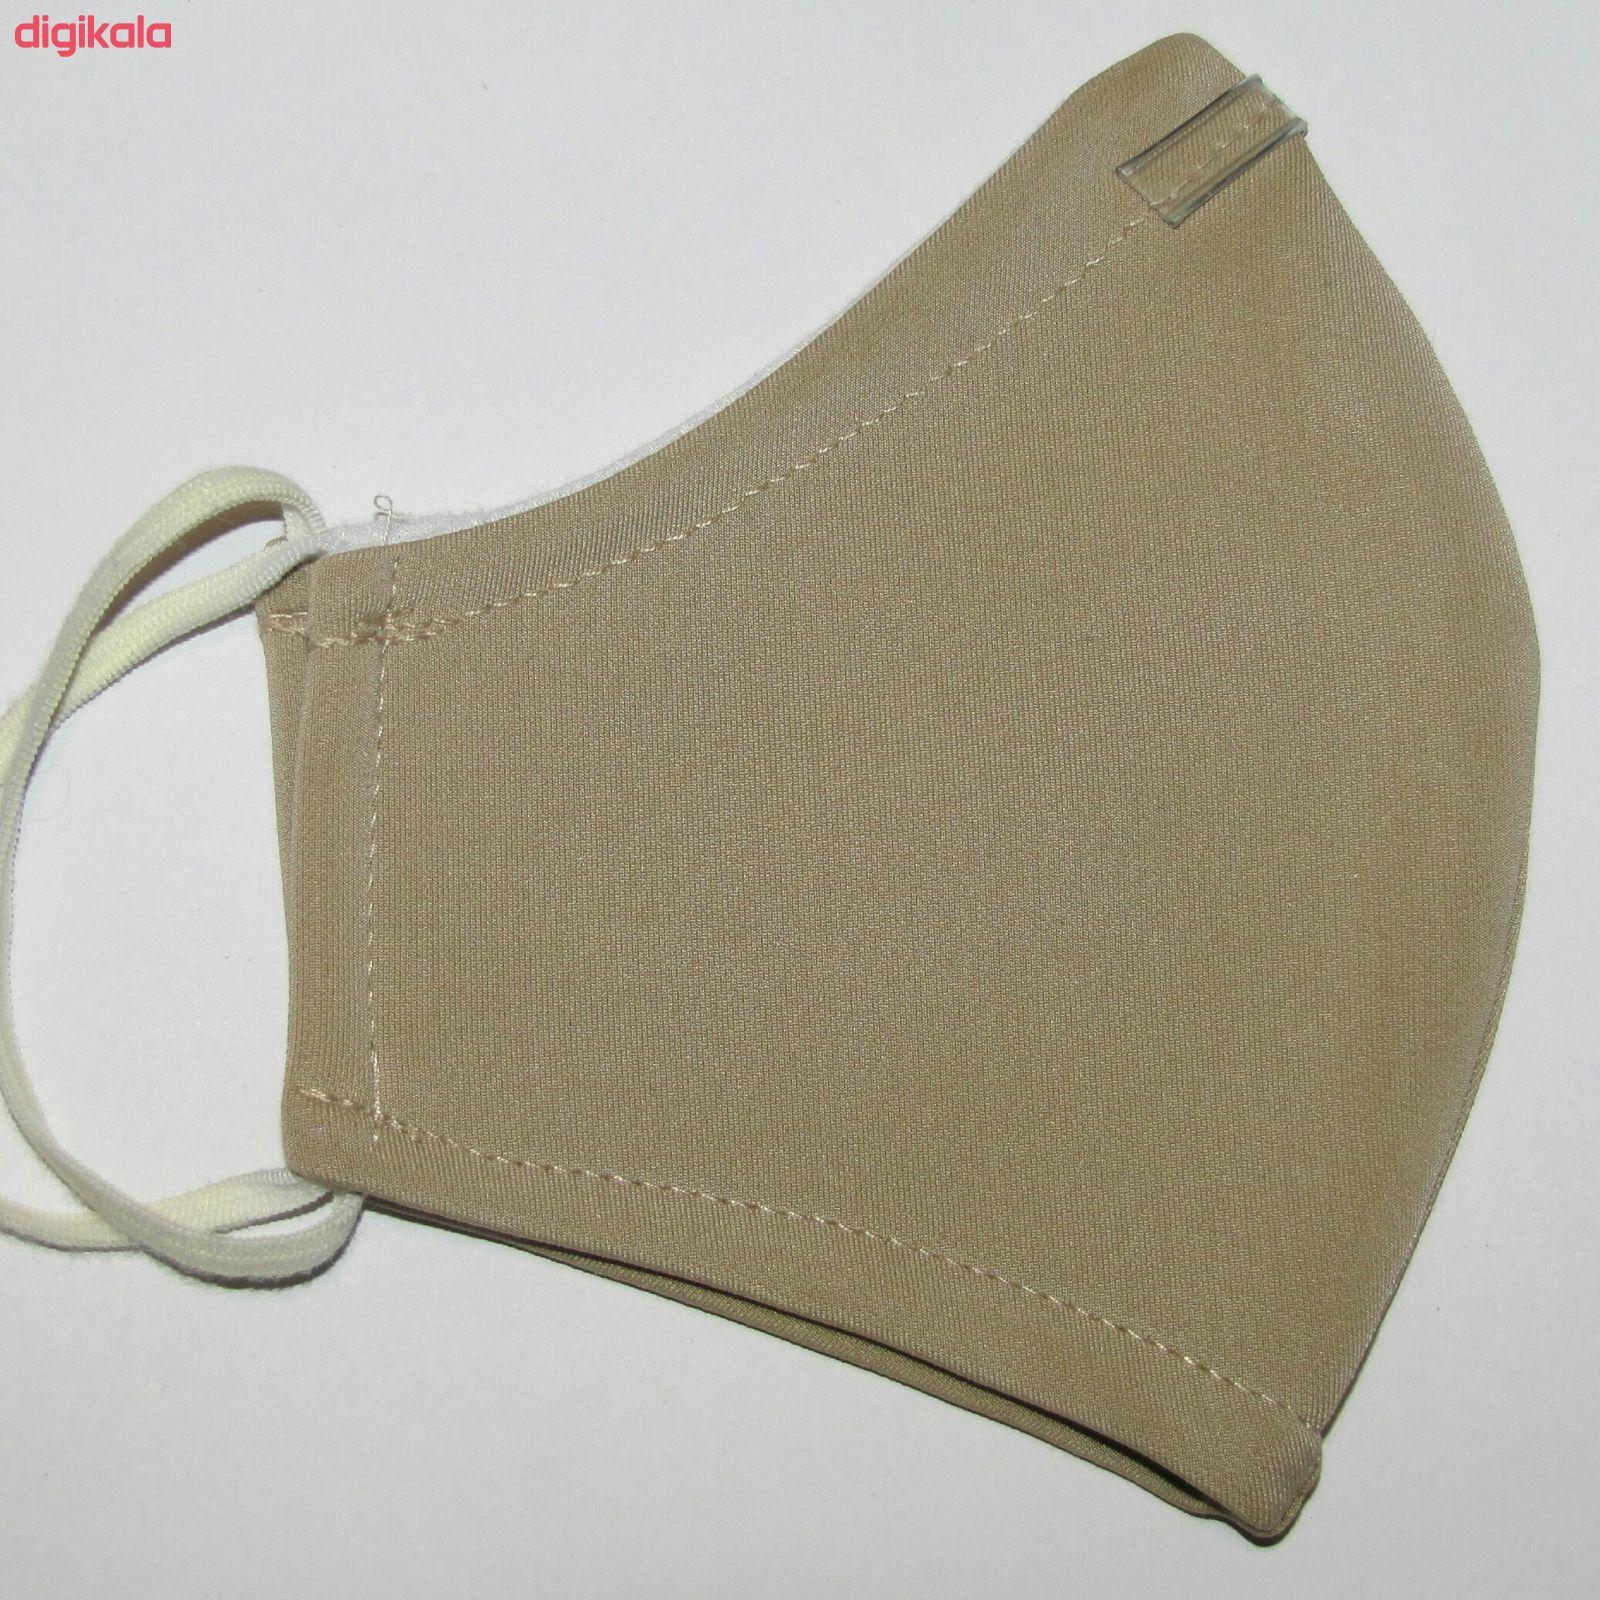 ماسک پارچه ای مدل mgh1 main 1 12